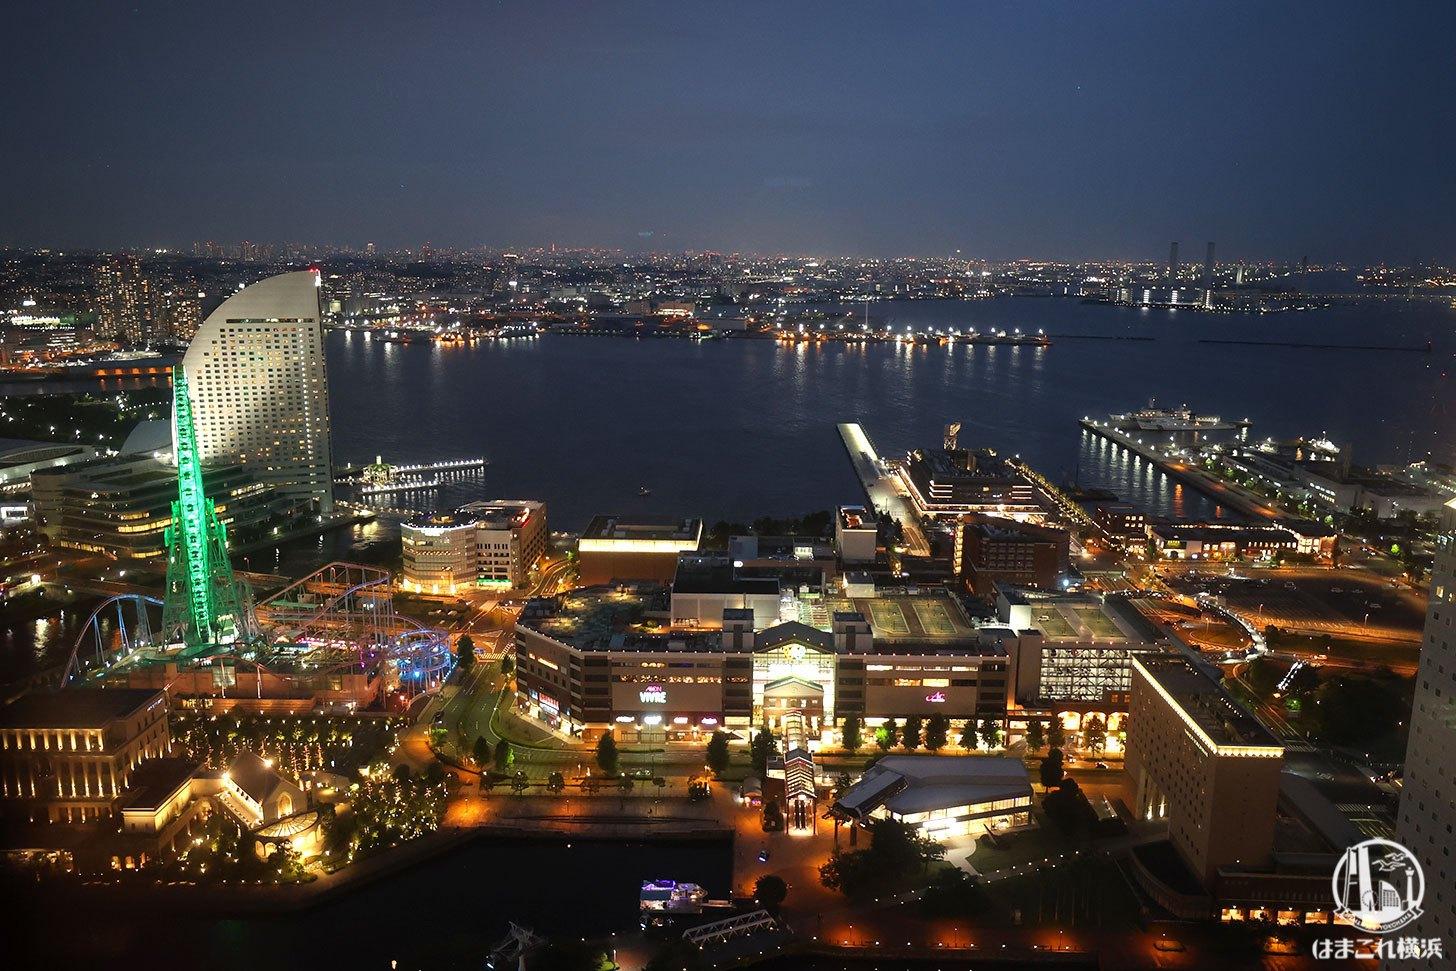 横浜北仲ノット無料展望台から見た夜景 横浜ワールドポーターズや東京側